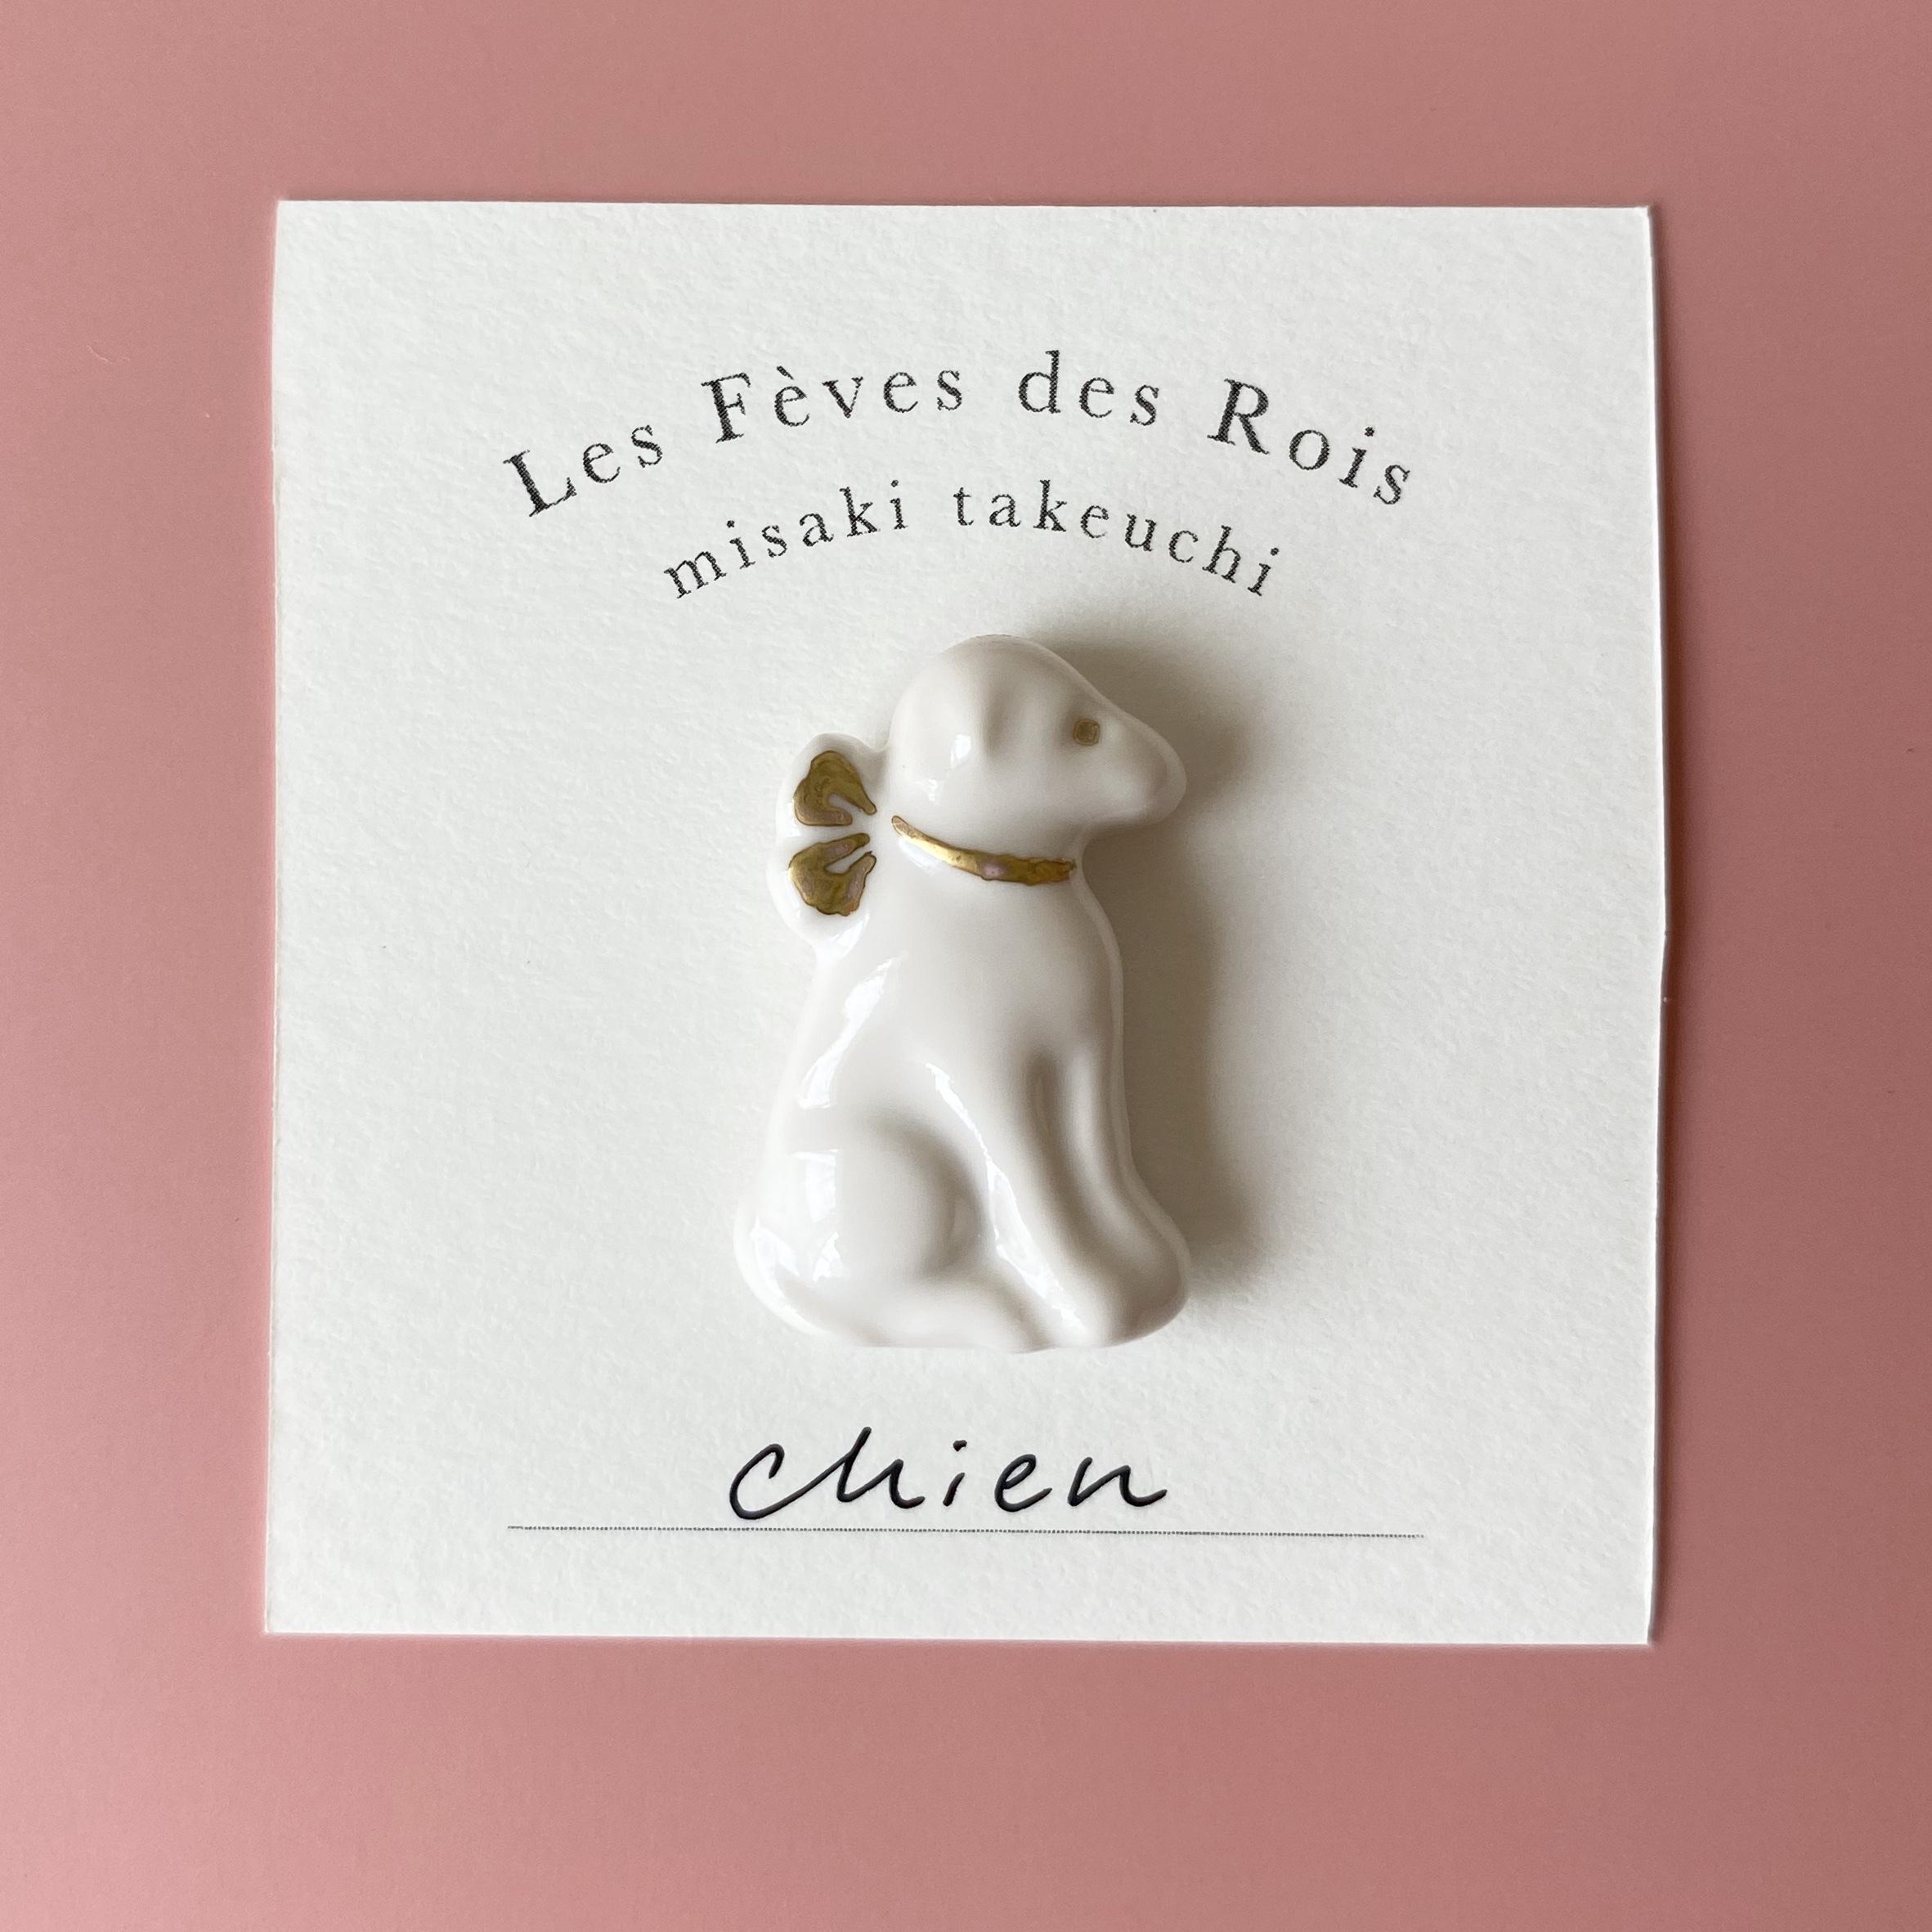 chien blanc・ribon  (白のいぬ・リボン)misaki takeuchi ハンドメイドフェーヴ/mt033